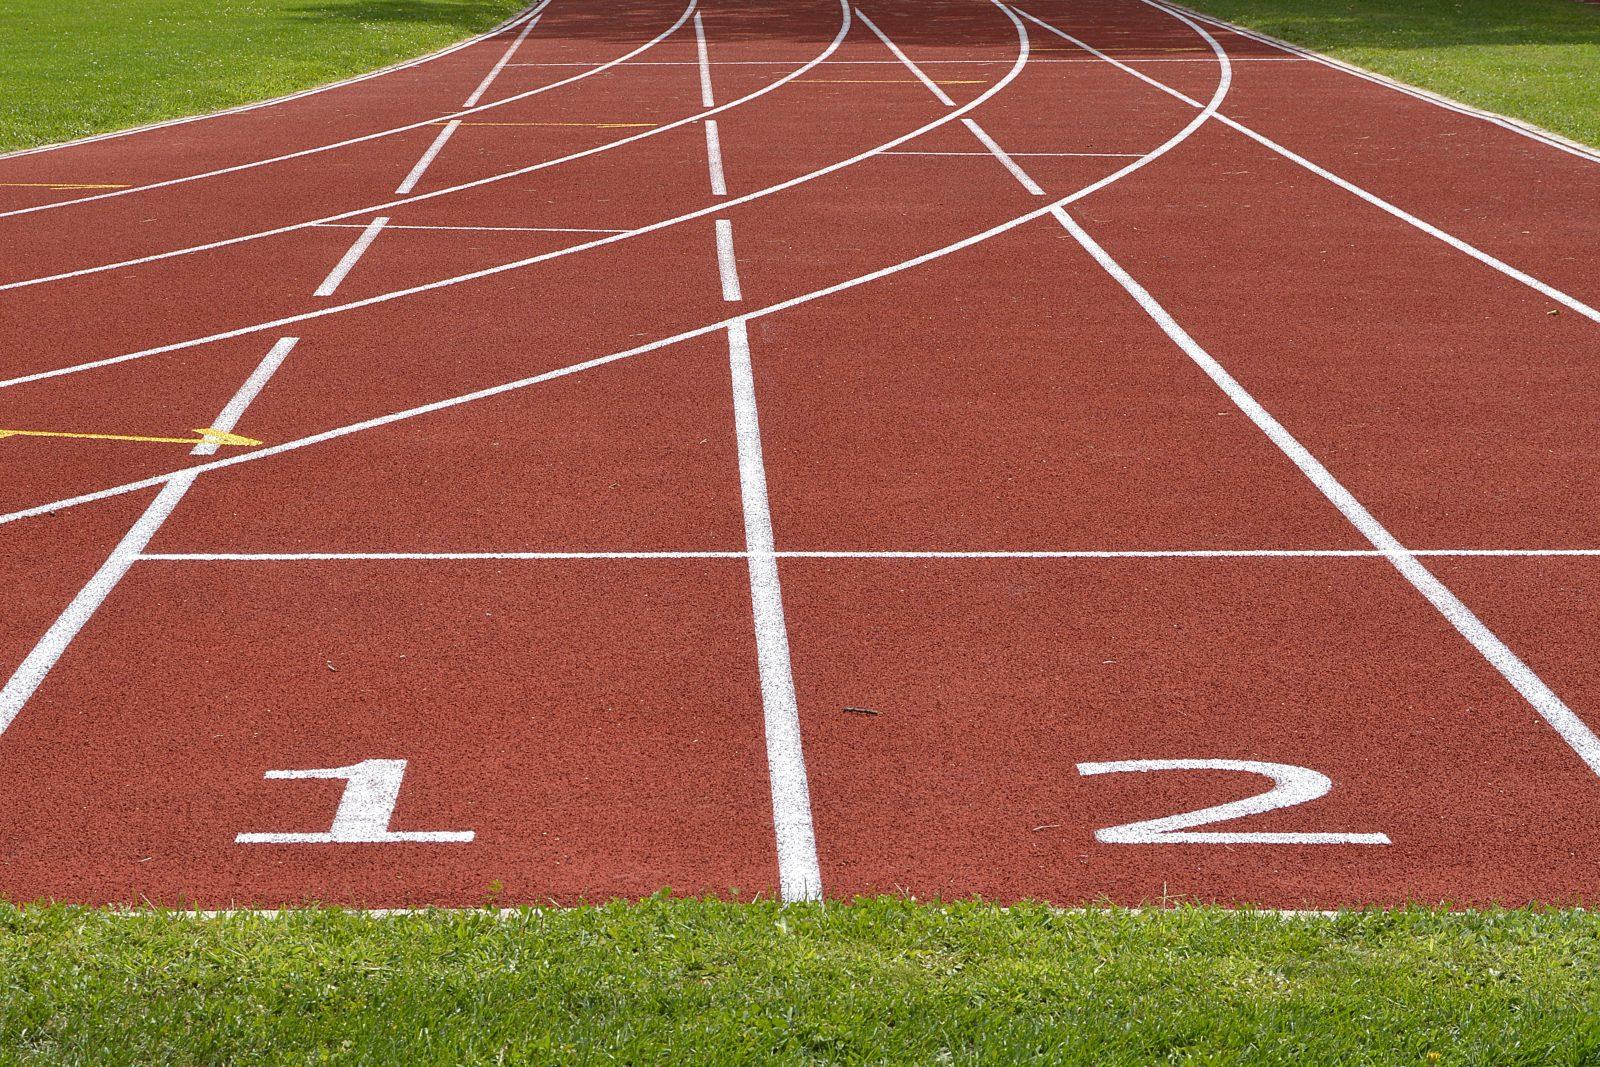 tartan track, career, athletics